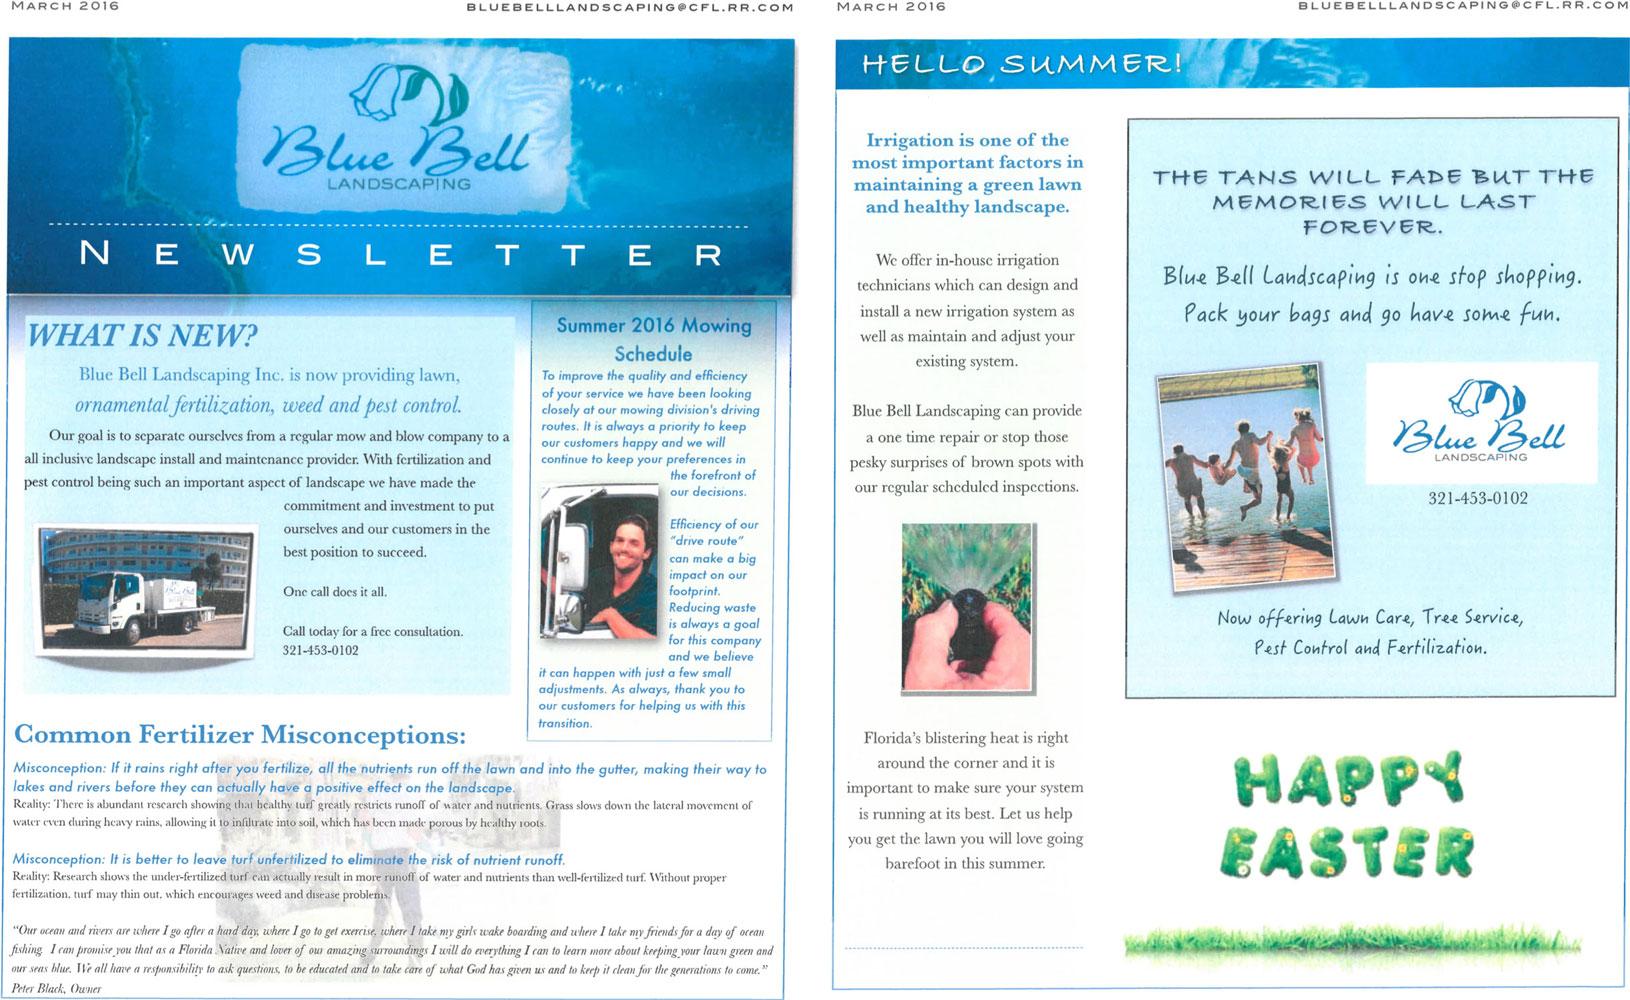 2016-03 newsletter2